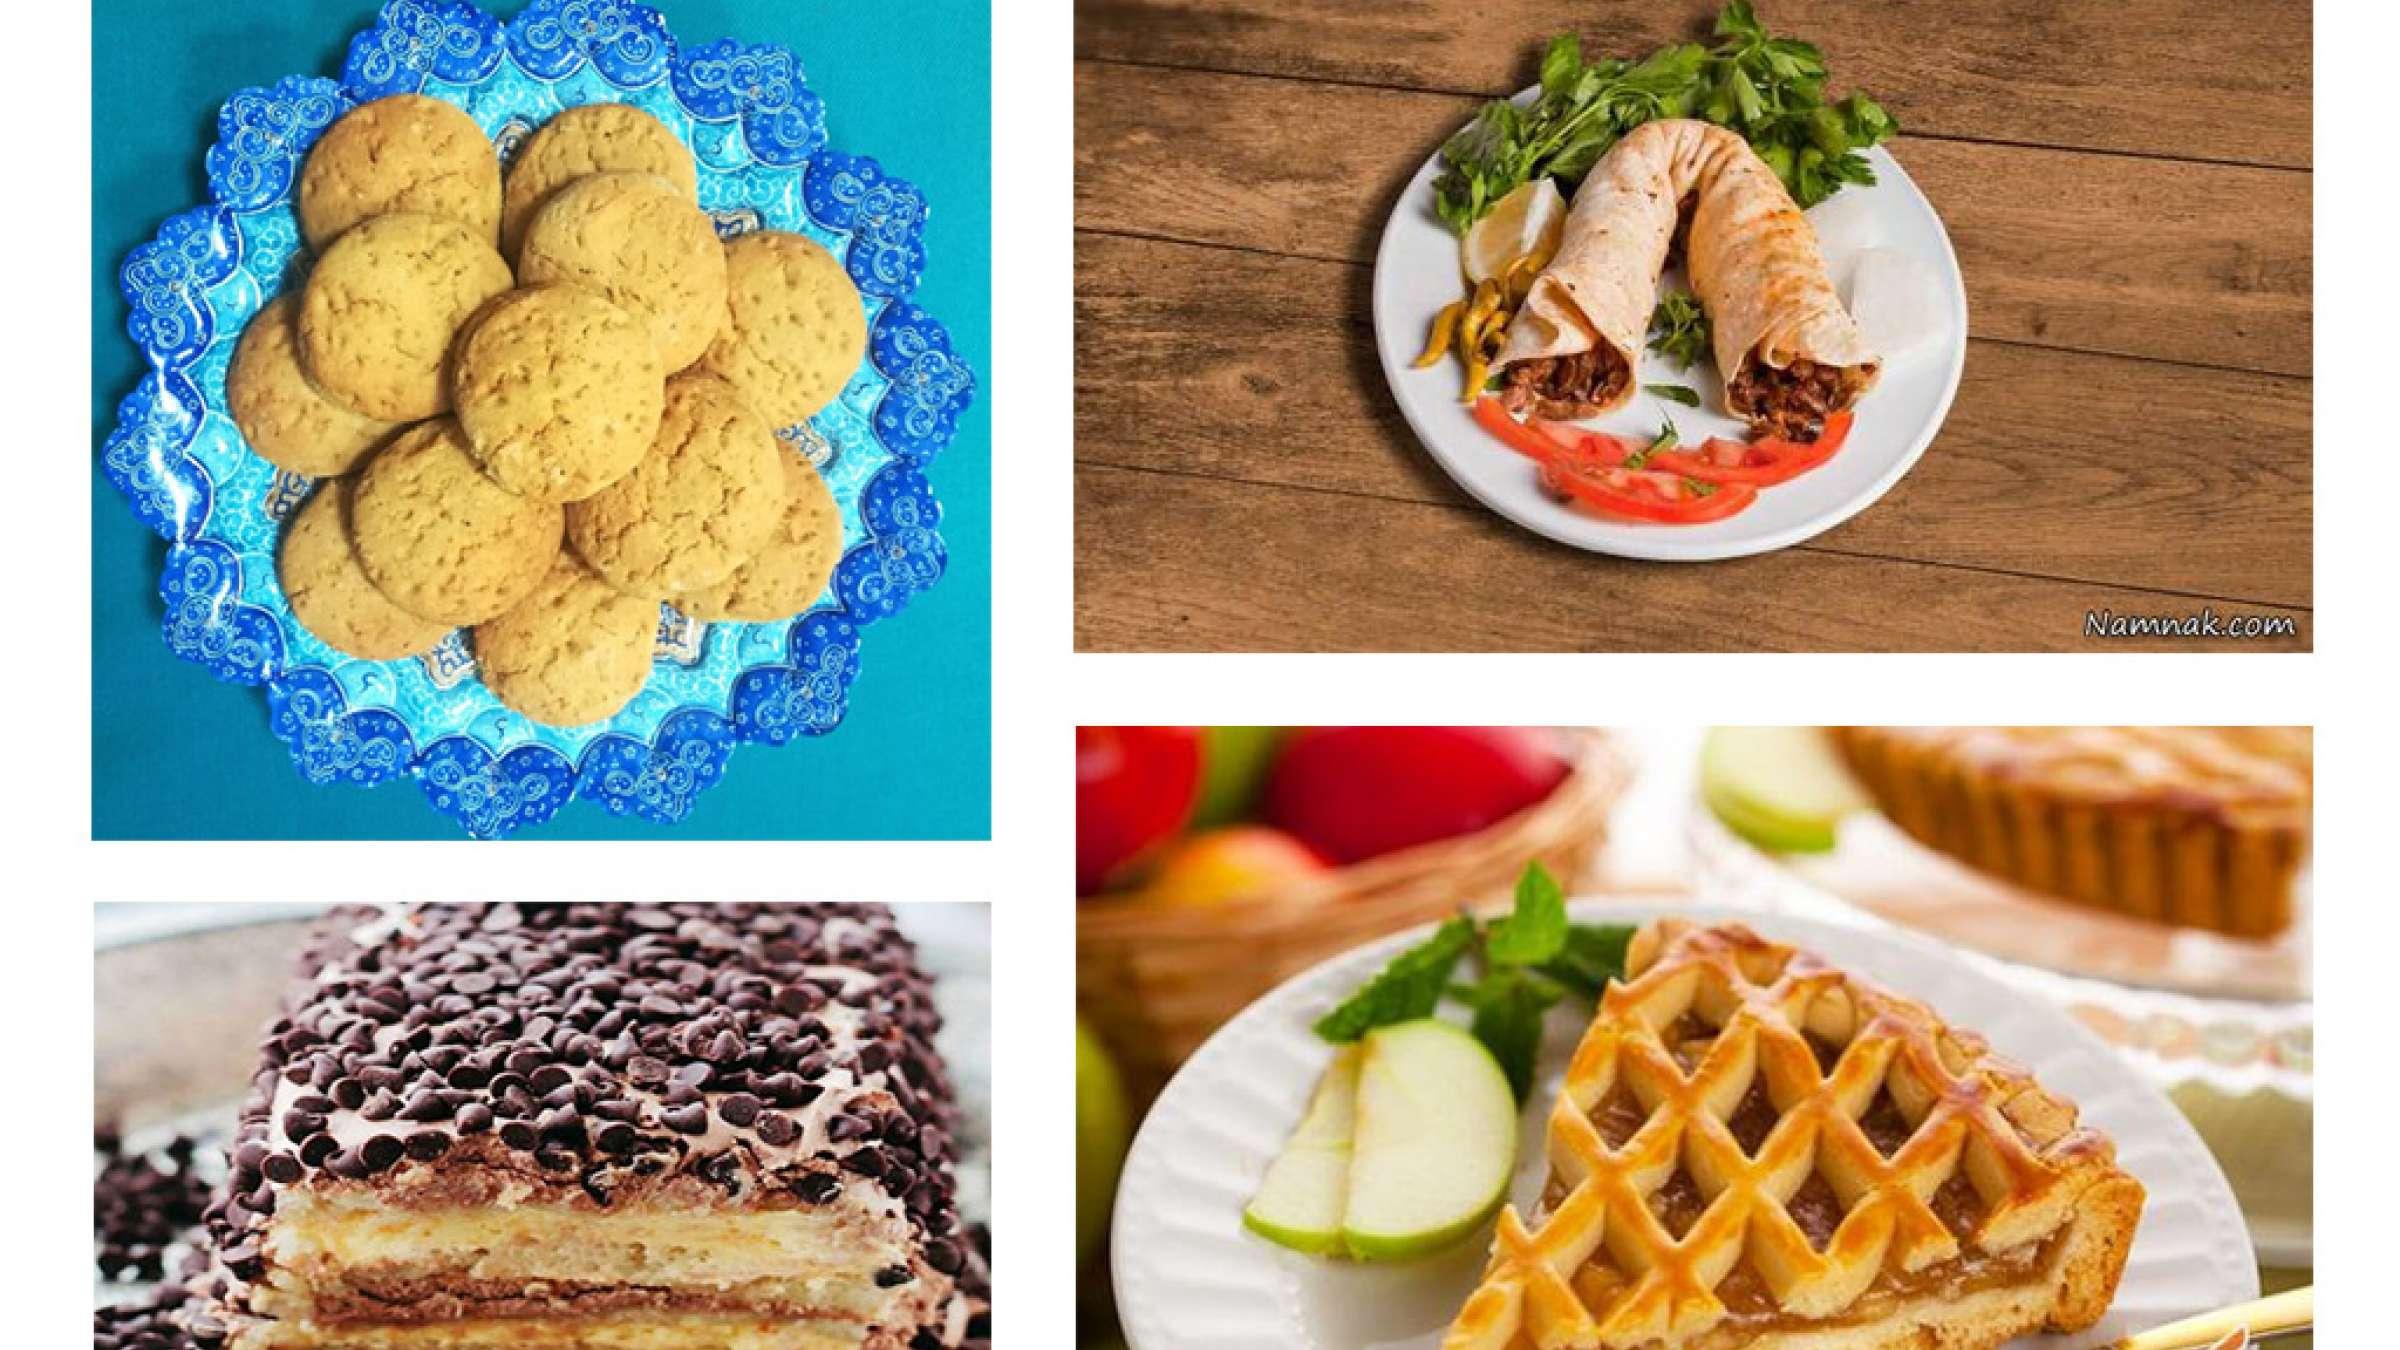 آشپزی-ترابی-تانتونی-مرغ-کلوچه-زنجبیلی-پیروک-مارمالادی-کیک-موز-و-شکلات